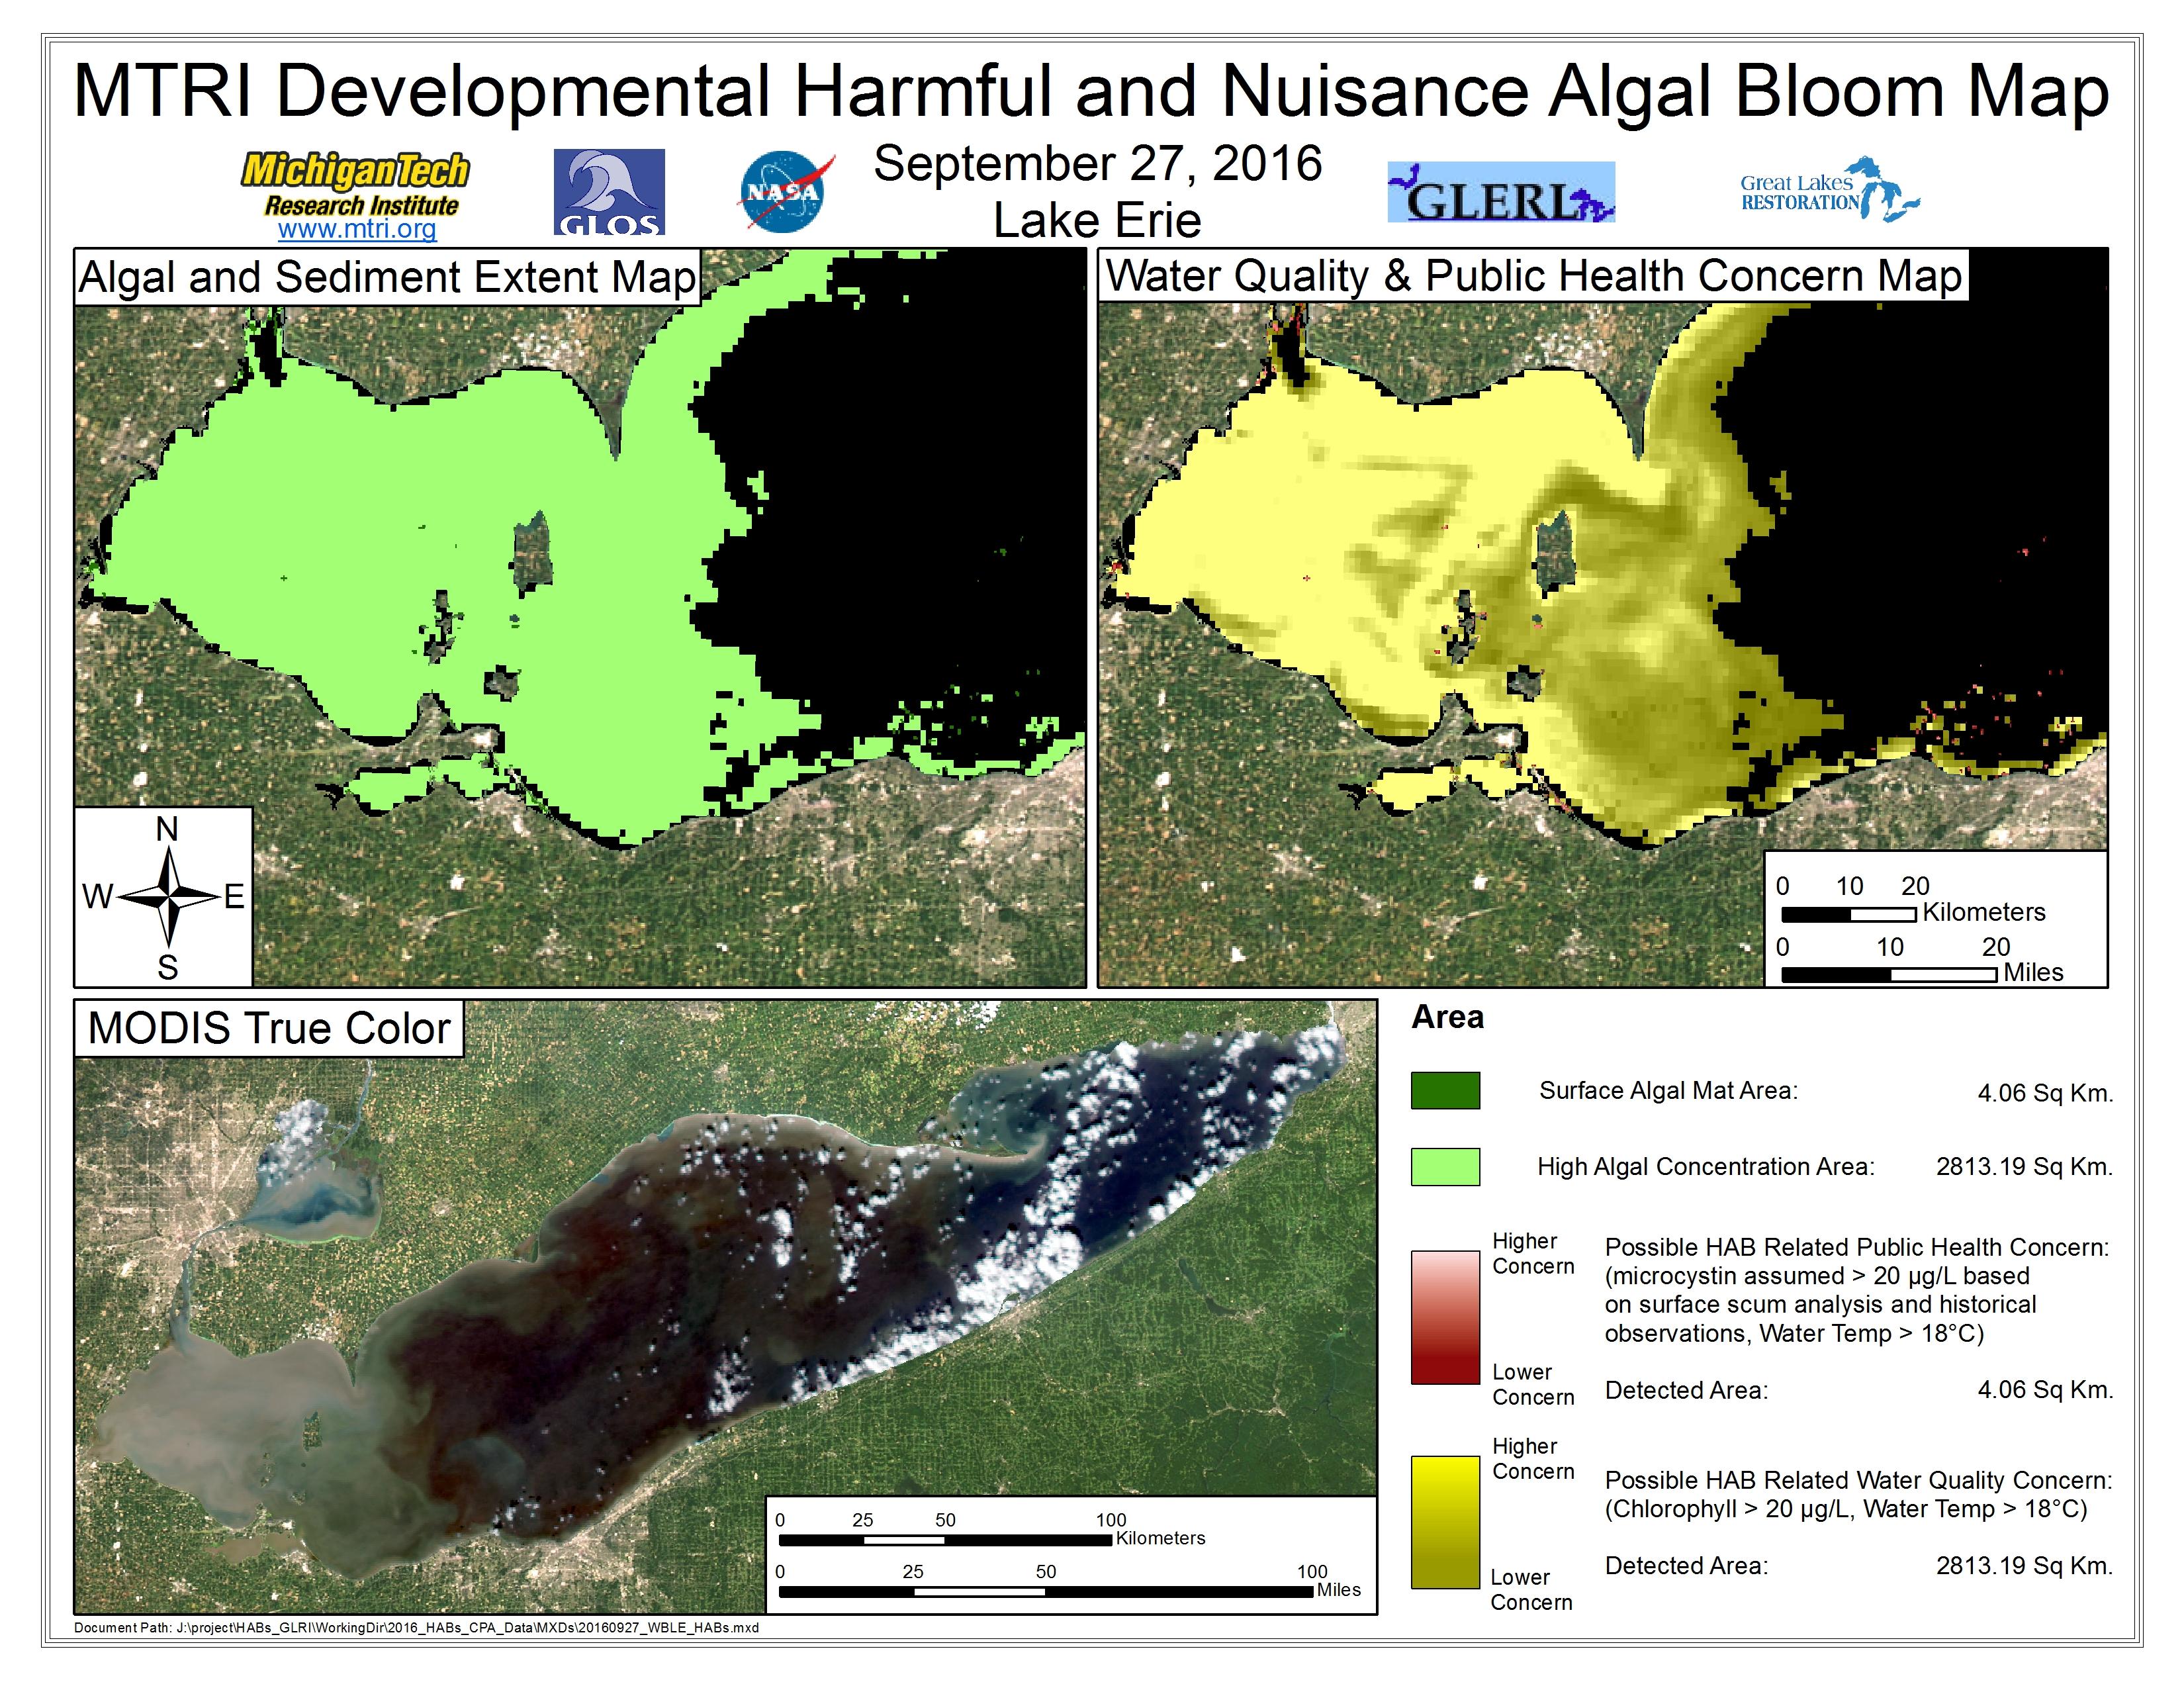 MODIS Aqua retrieval September 27, 2016